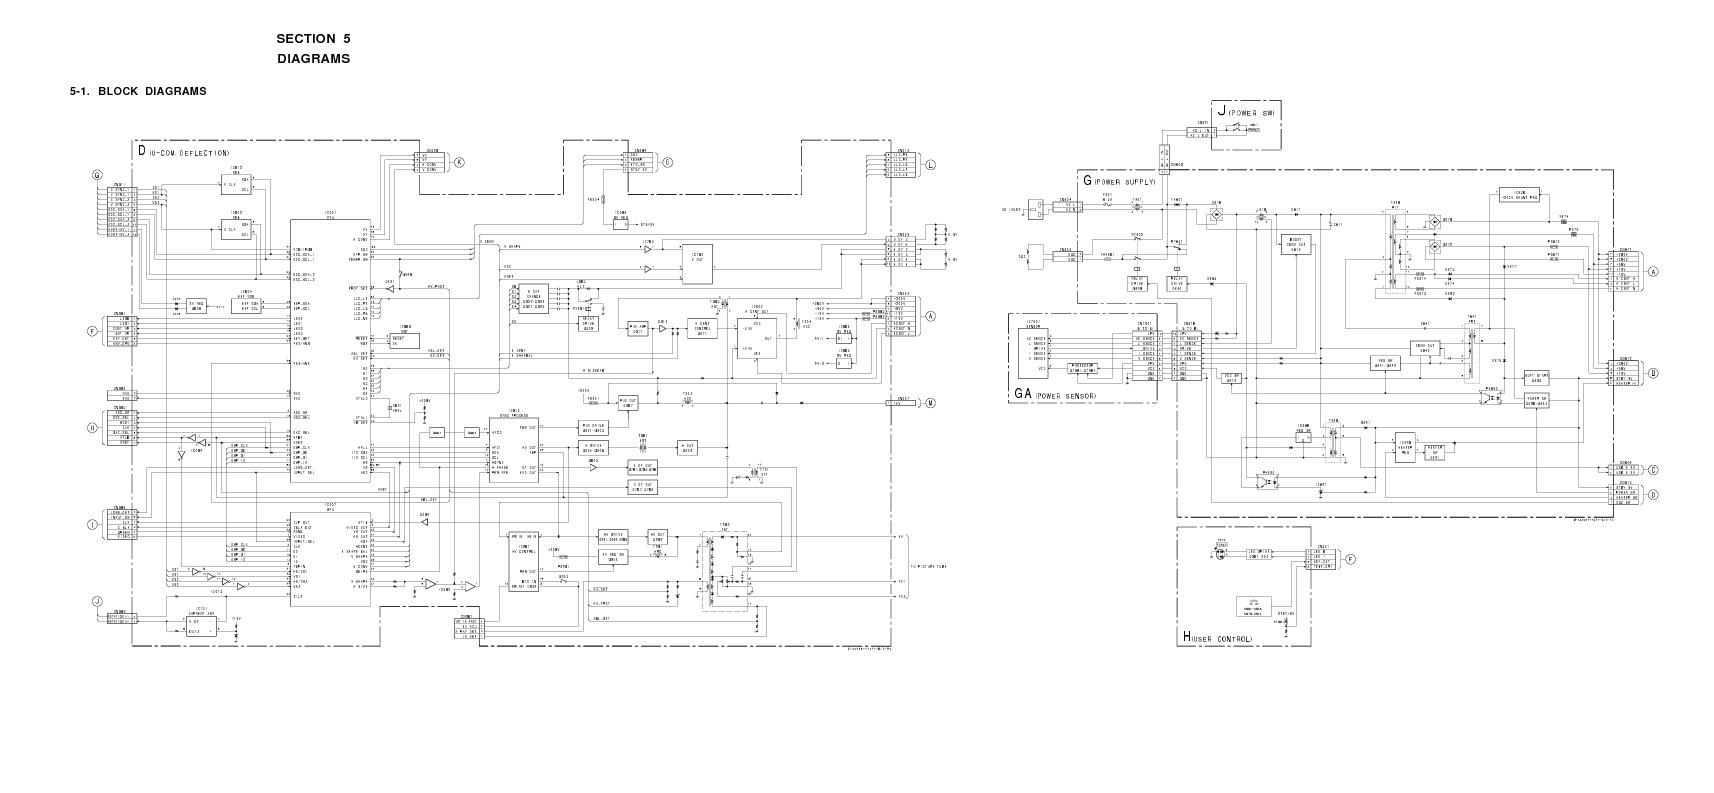 Hewlett Packard A4576.pdf Hewlett Packard (HP) A4576